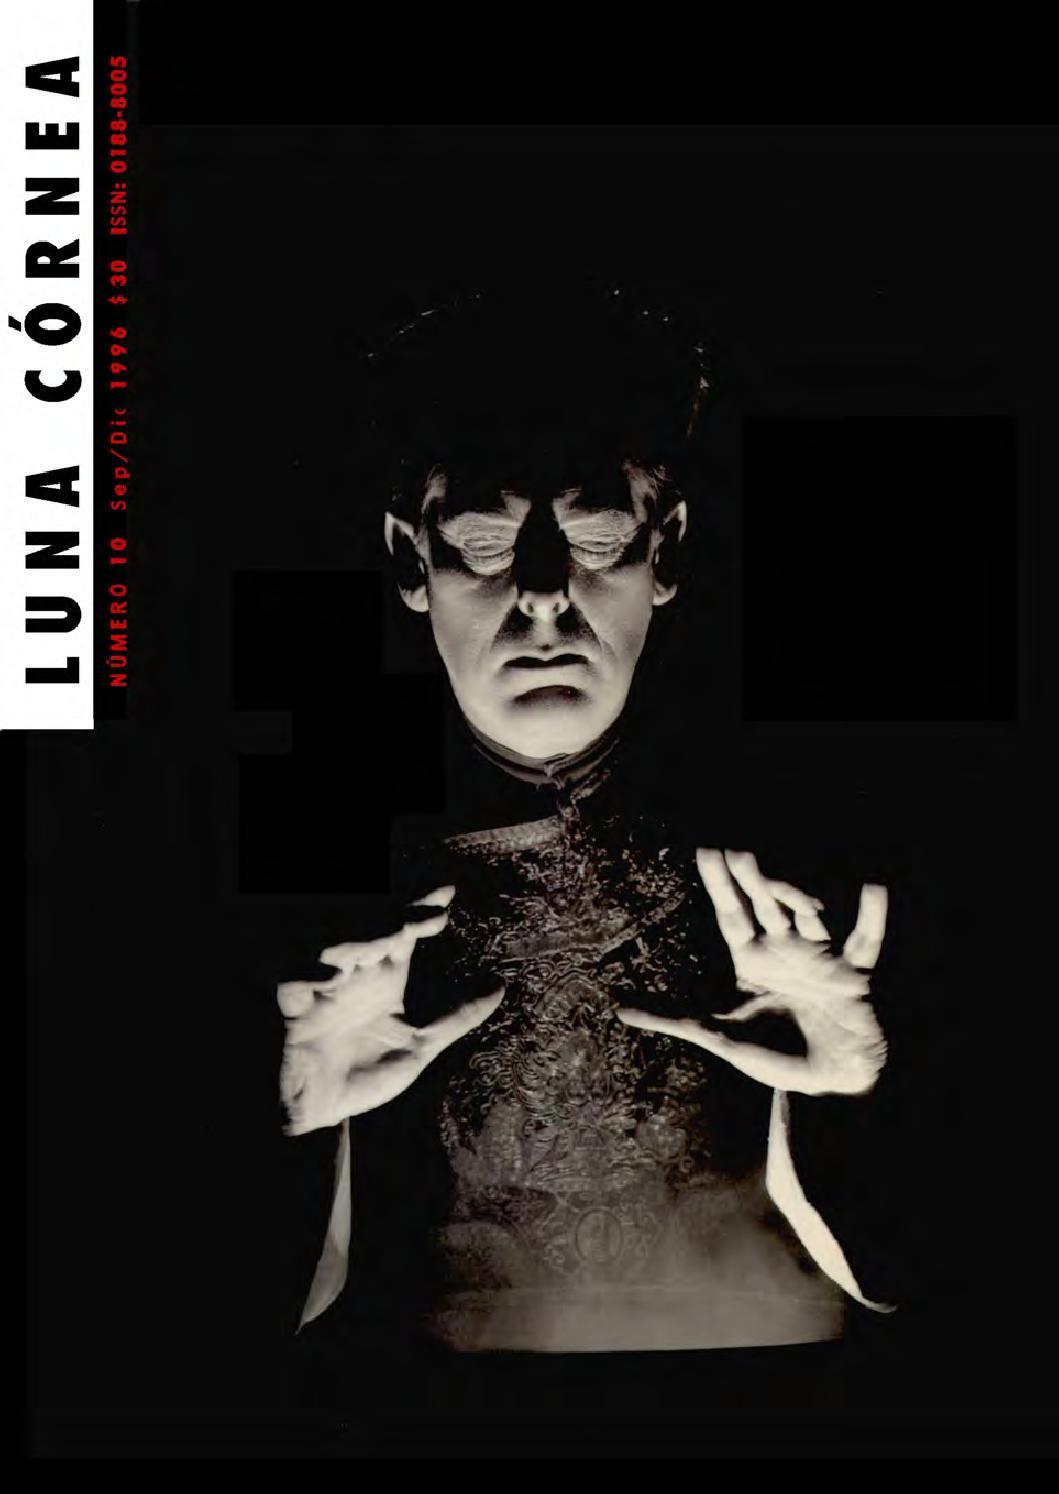 Luna Córnea 10. Fantasmas by Centro de la Imagen - issuu